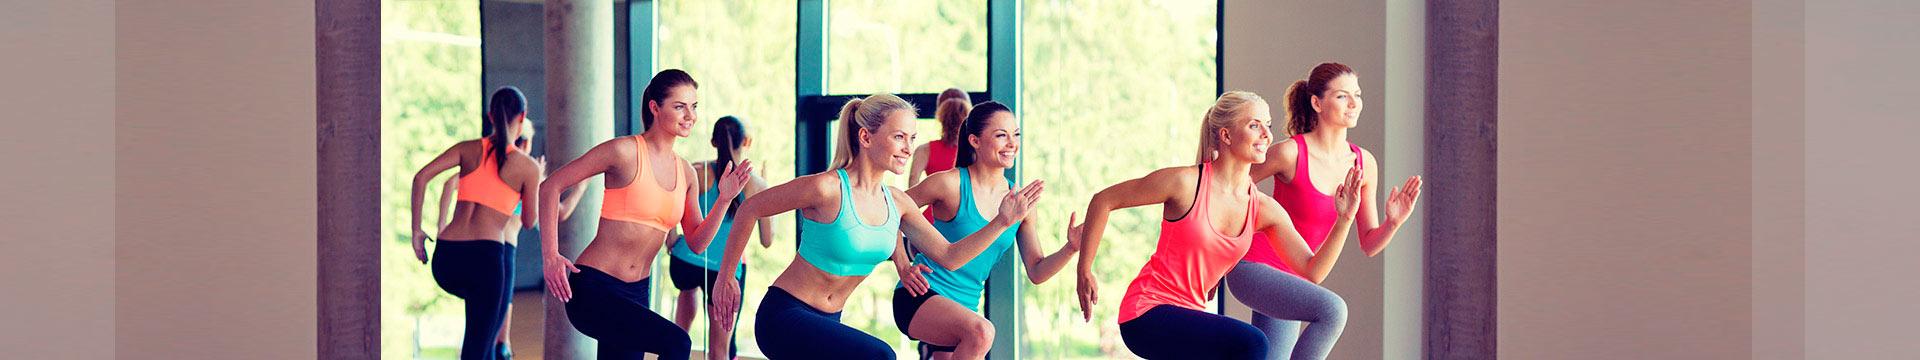 Gimnasio Alicante centro - fitness